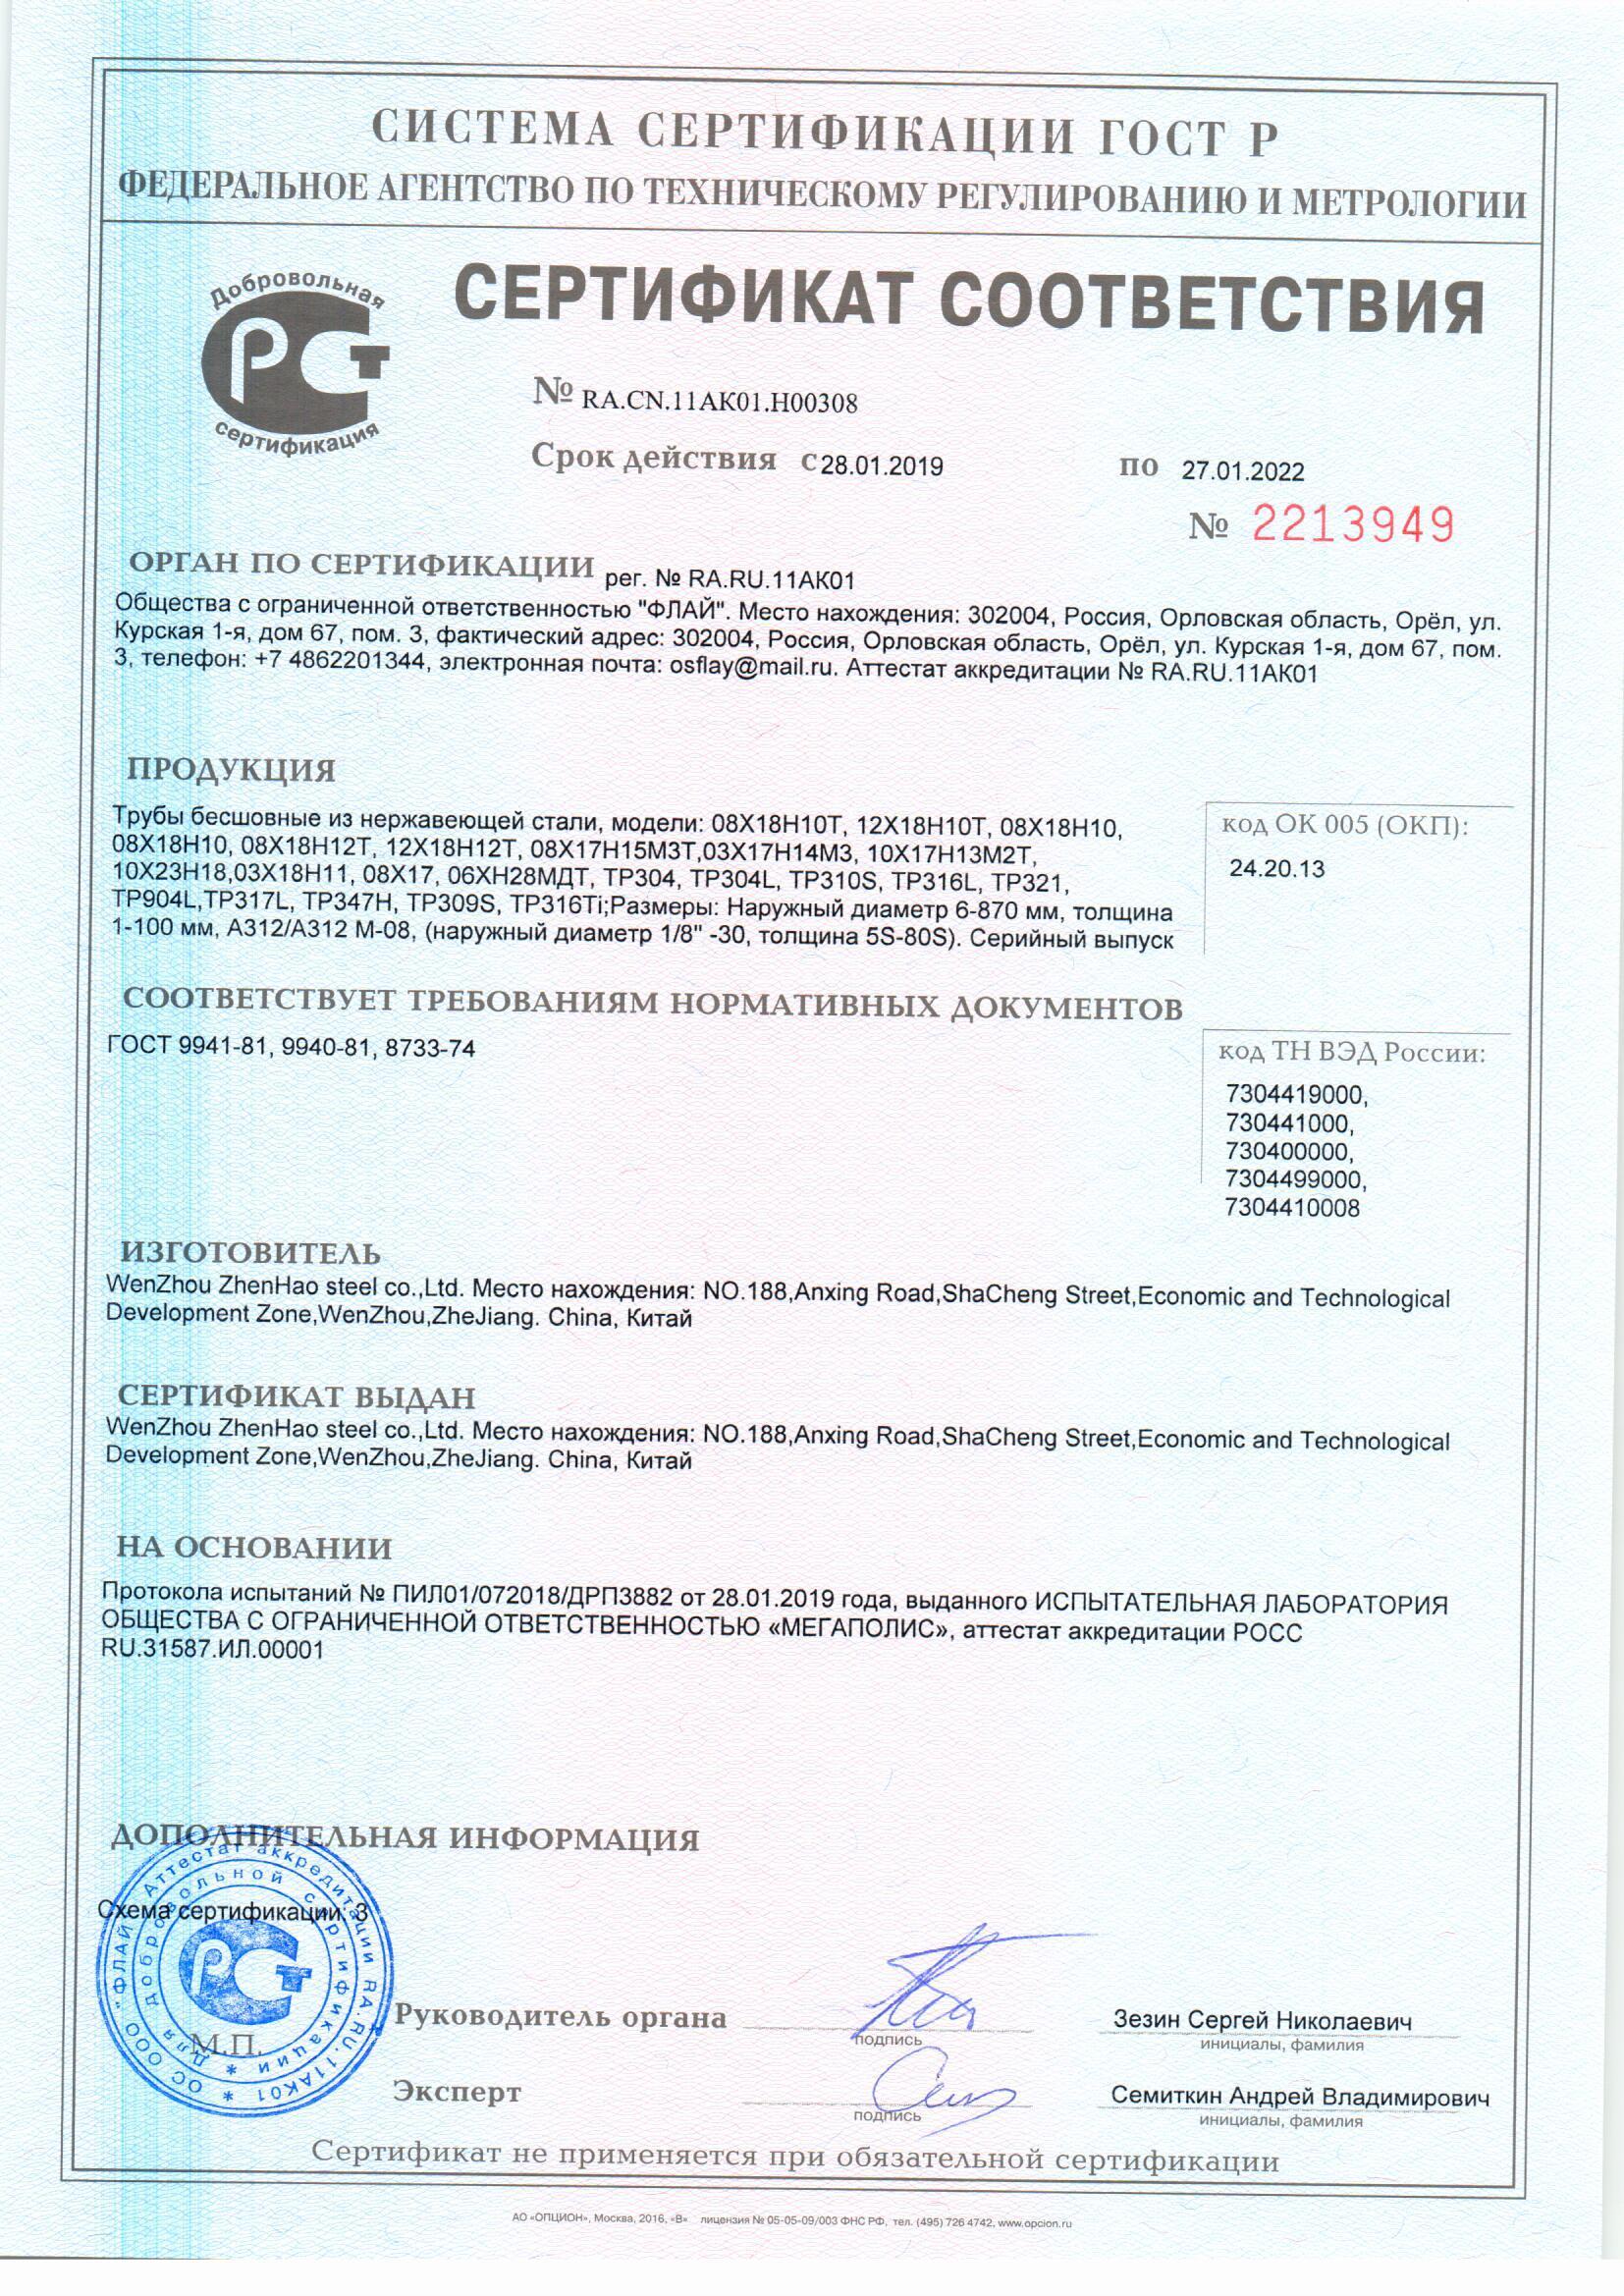 自愿性GOST-R认证-Voluntary GOST-R certification